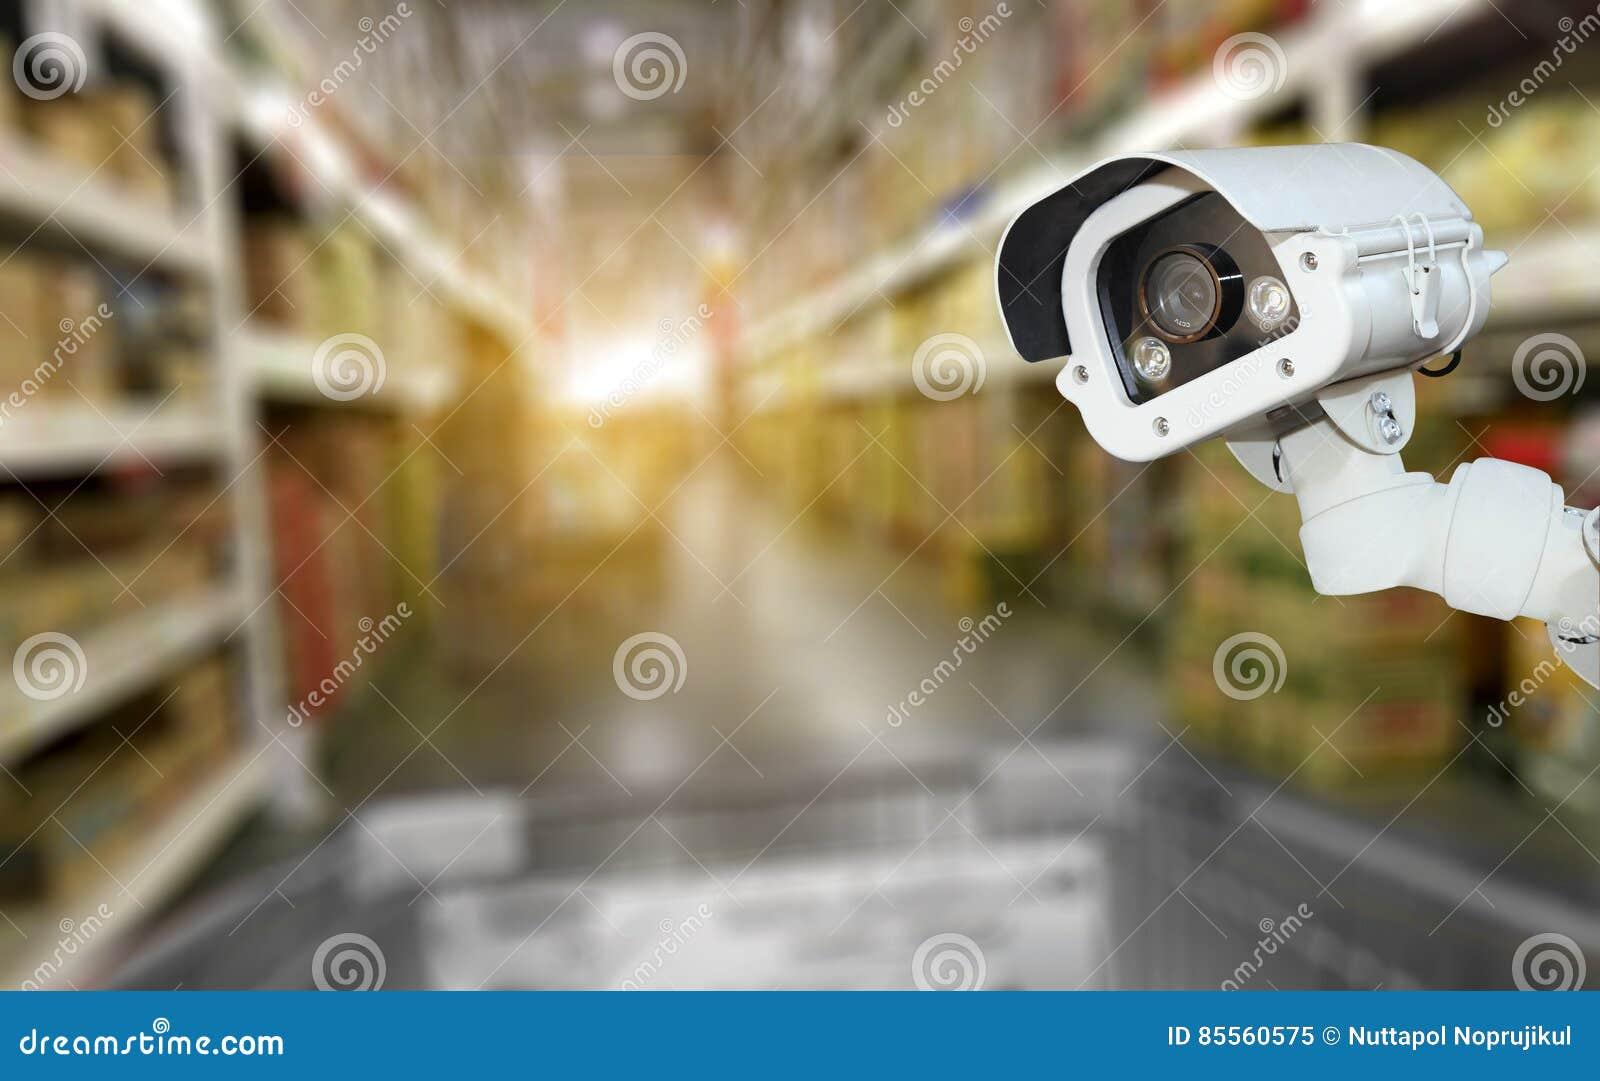 Überwachungskamerasystemsicherheit im Einkaufszentrumsupermarkt-Unschärfeba